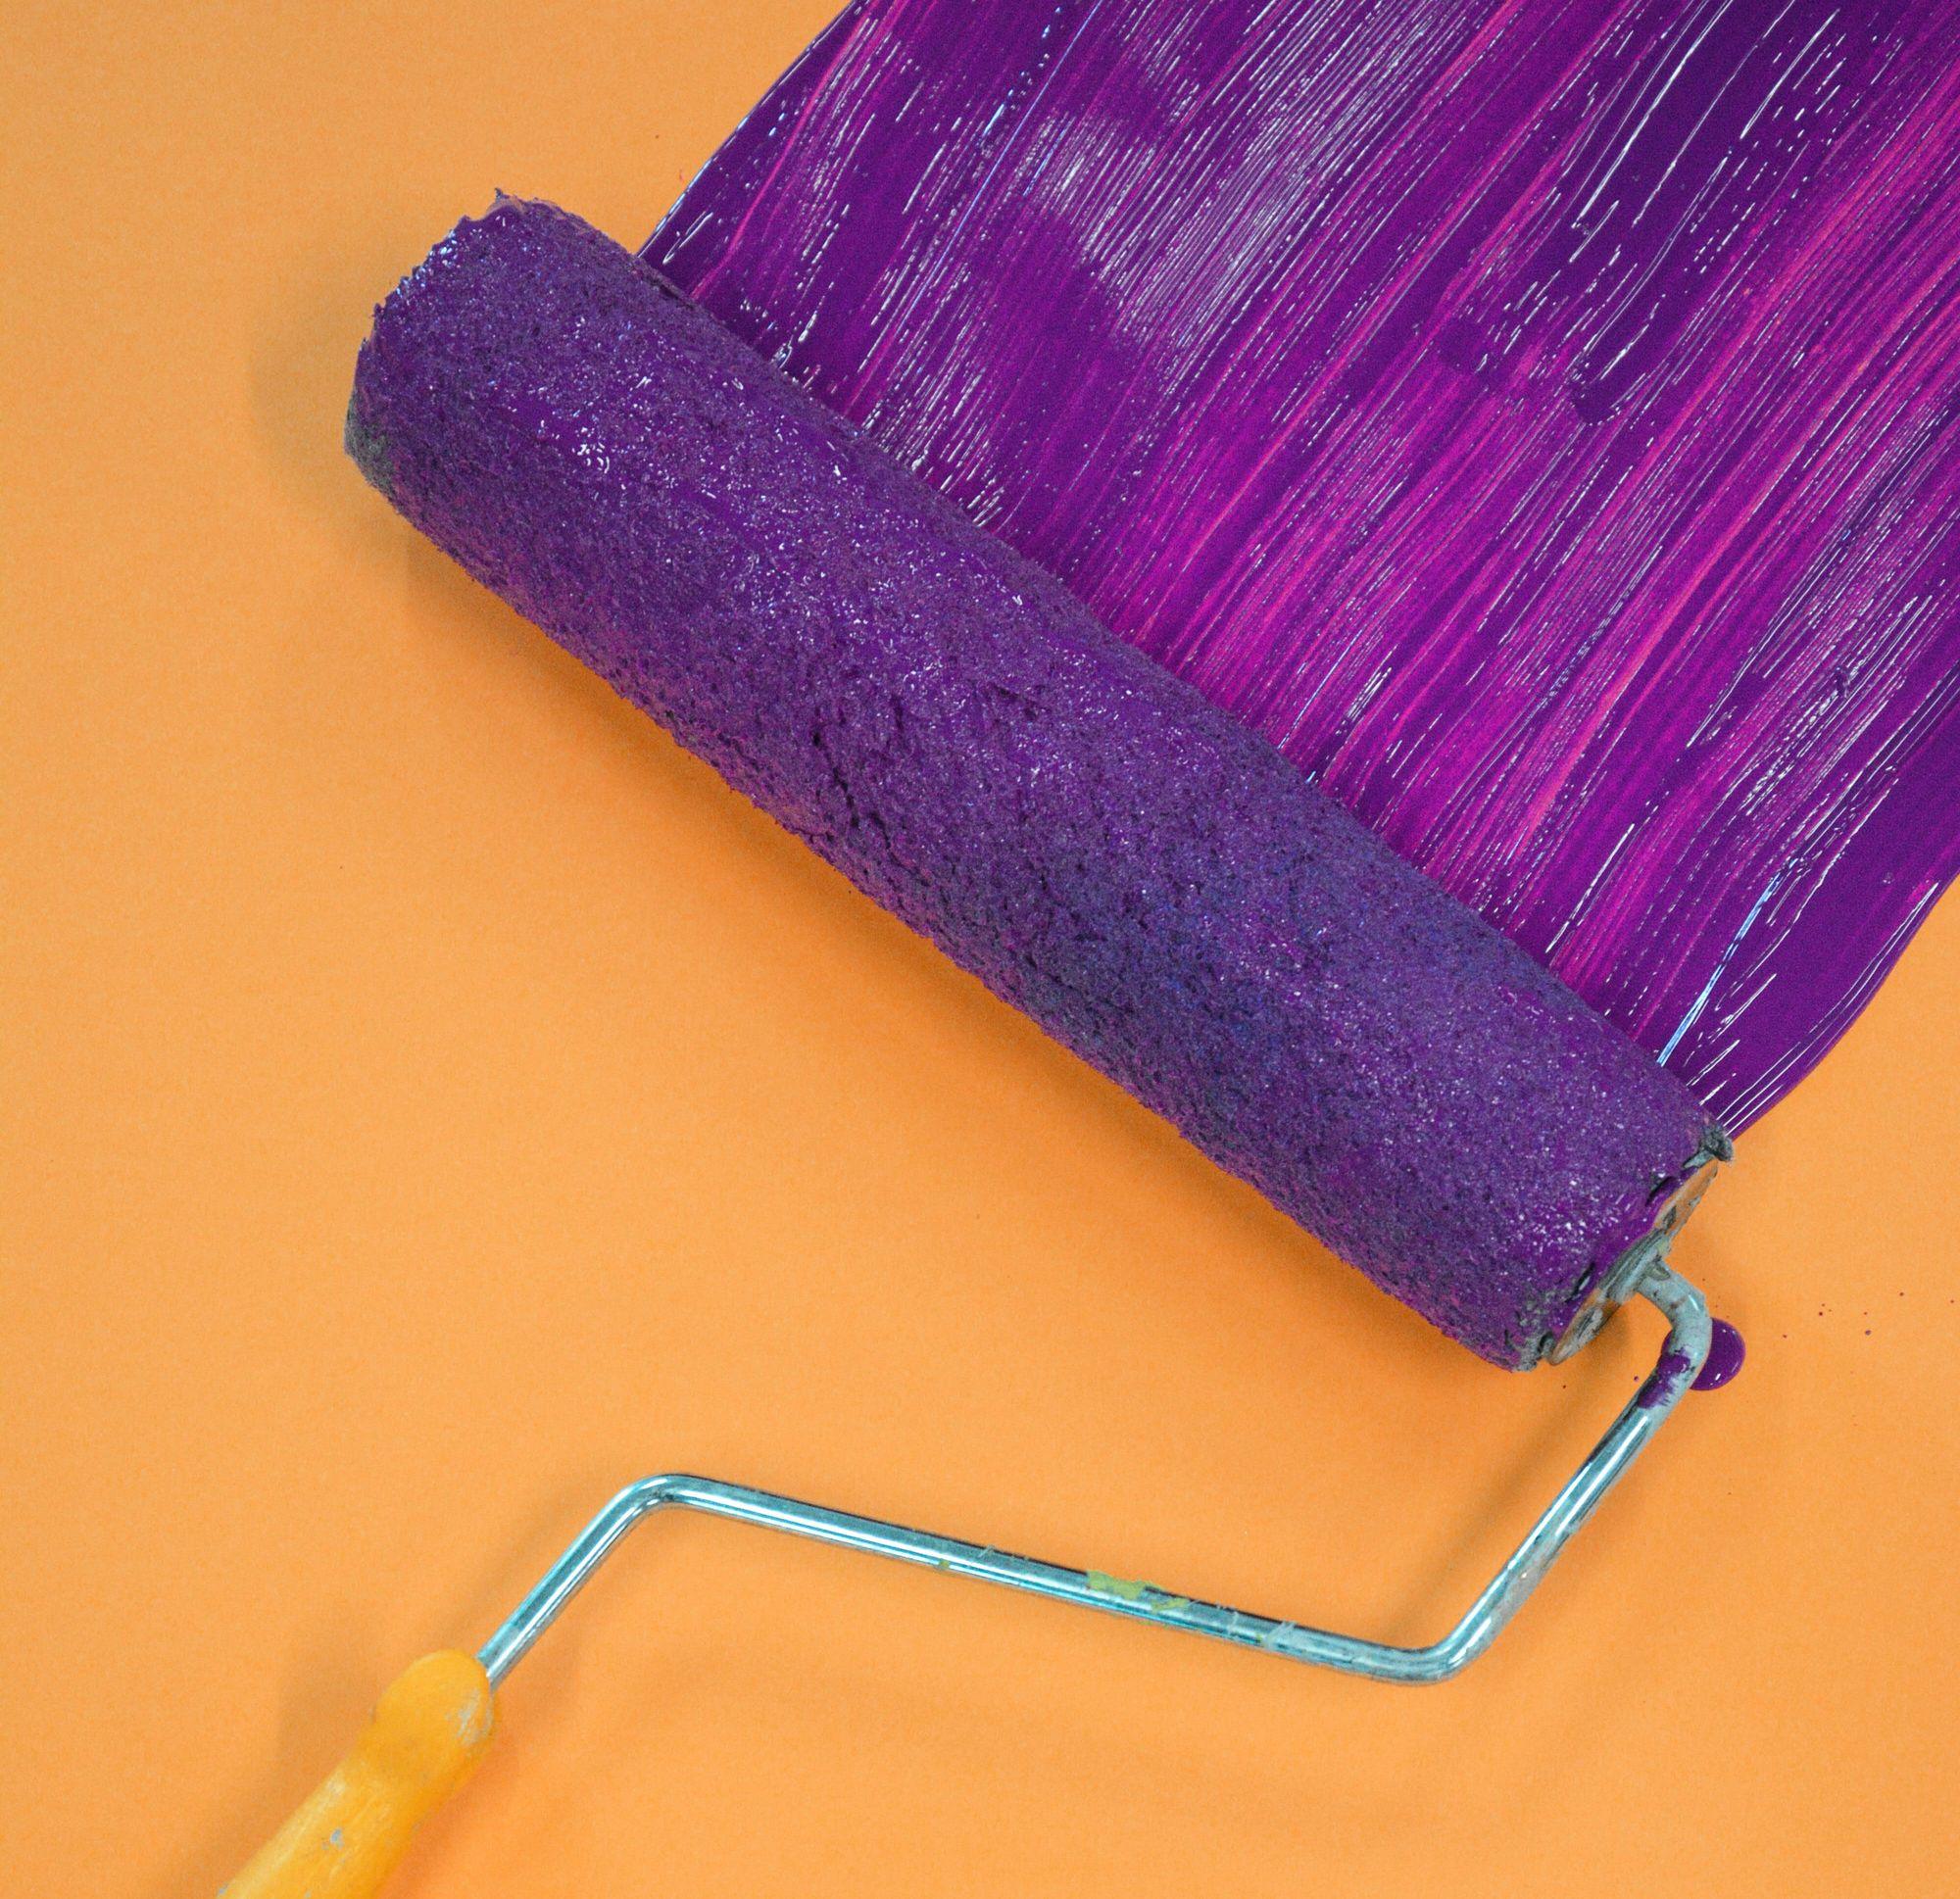 Het verschil tussen muurverf en latex verf